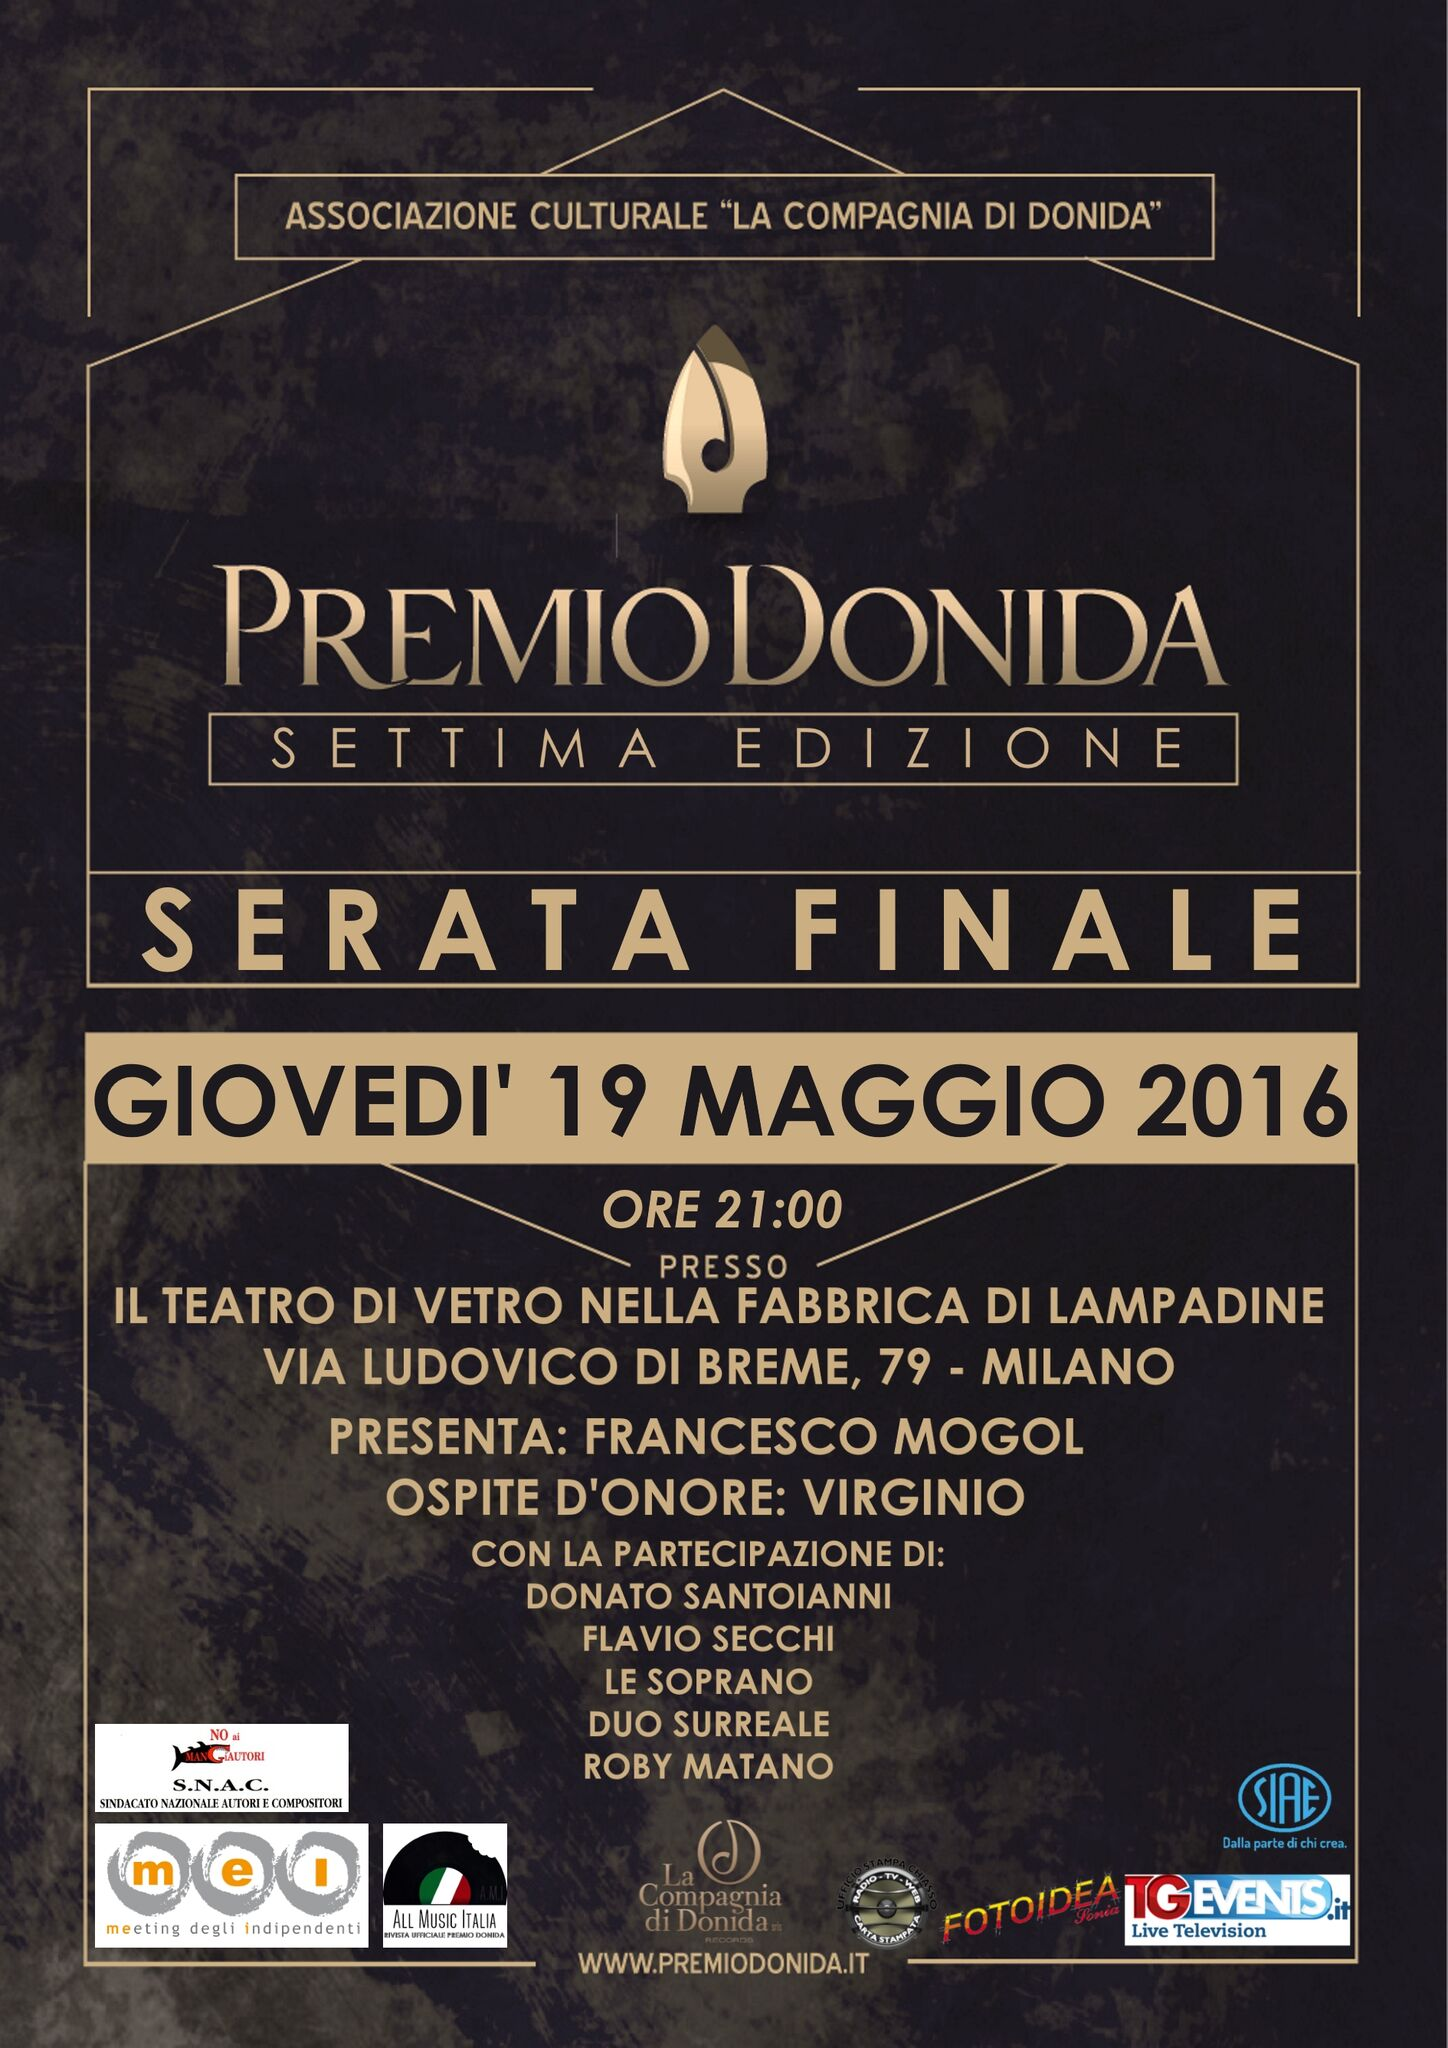 PREMIO DONIDA: gran finale il 19 maggio a milano con VIRGINIO, DONATO SANTOIANNI, FLAVIO SECCHI e LE...